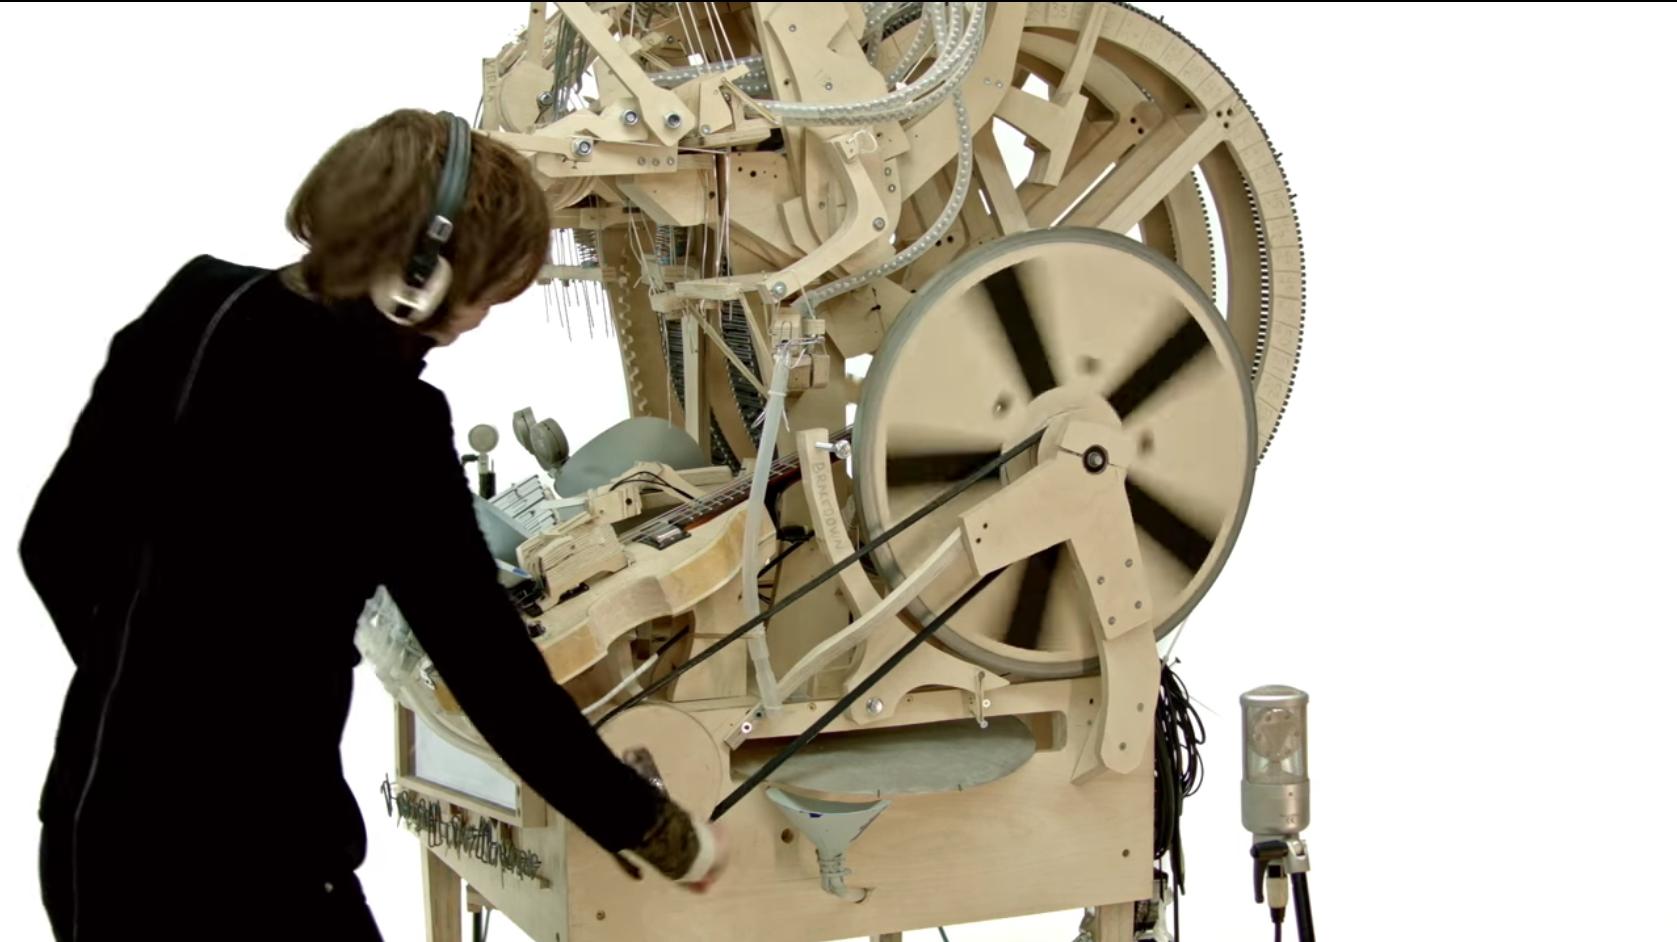 İsveçli Müzisyenin İcadı Bilyeler ile Çalışan Müzik Makinesi